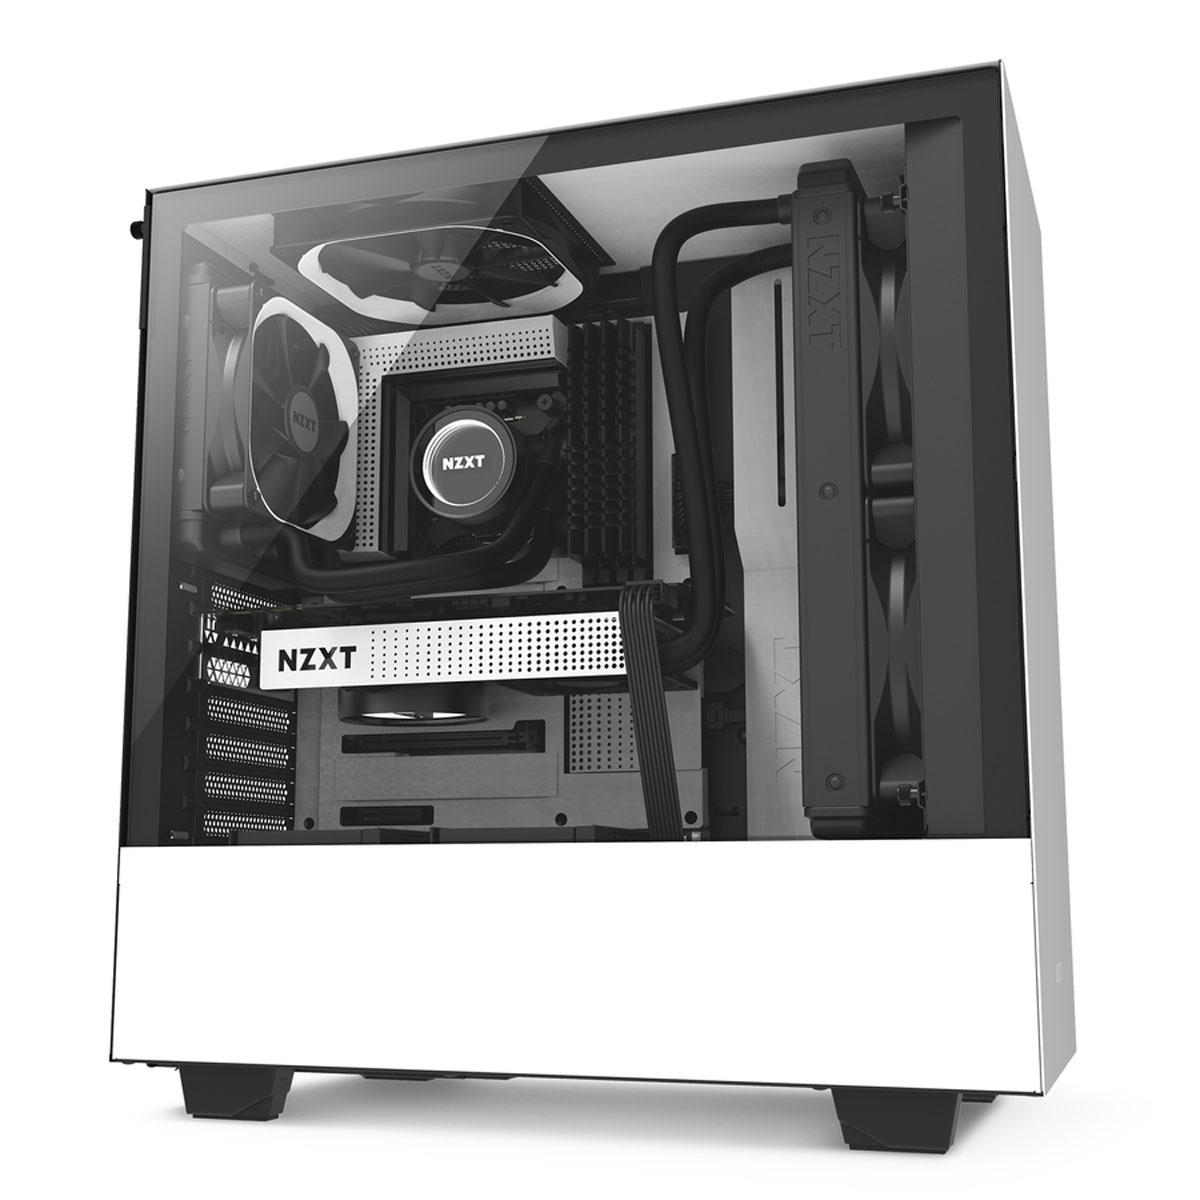 azaudio-nzxt-h500-white-6